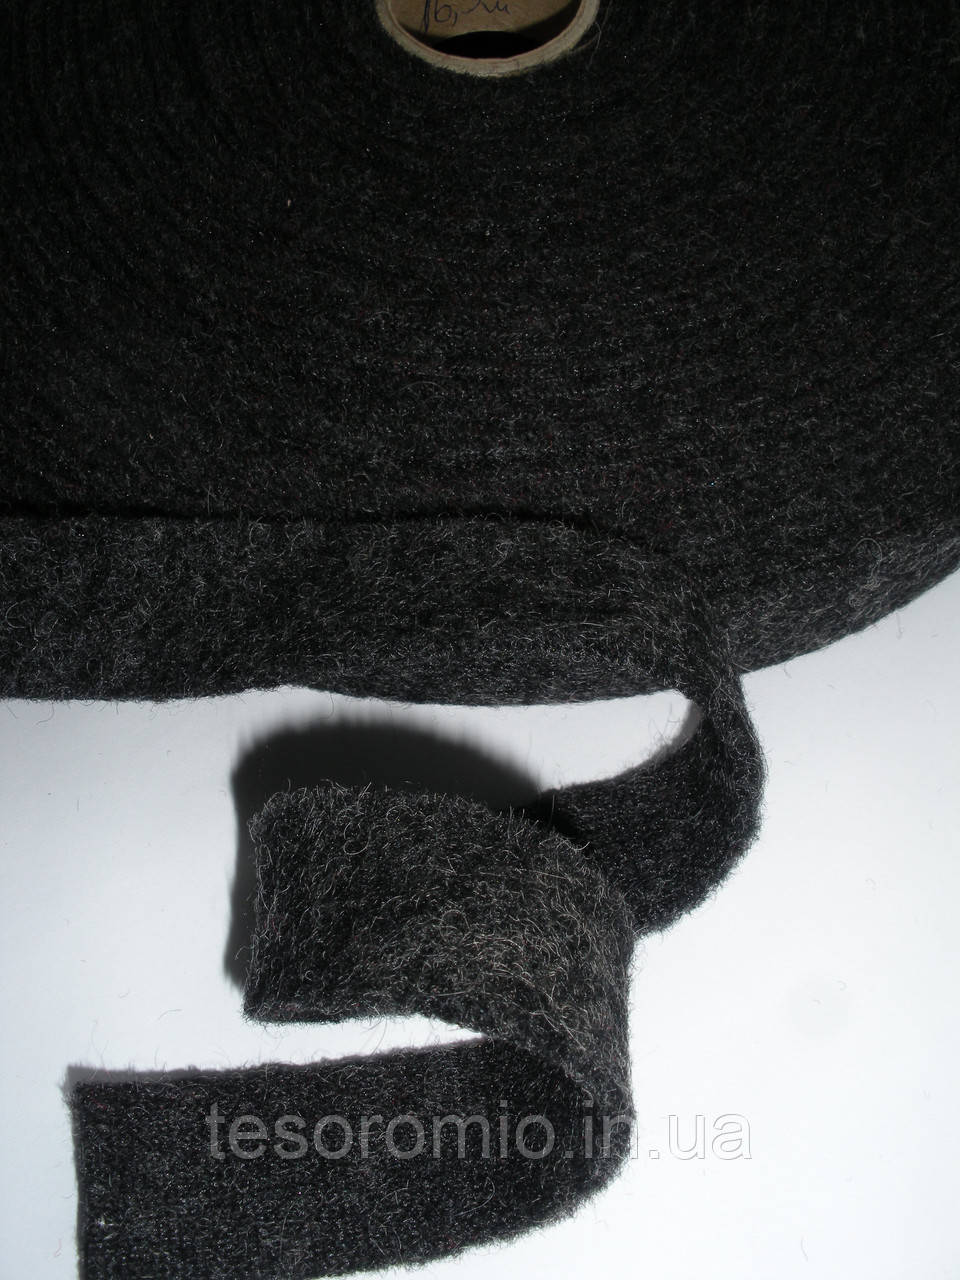 Тесьма полушерстяная декоративная, плотная 2.5см ширина